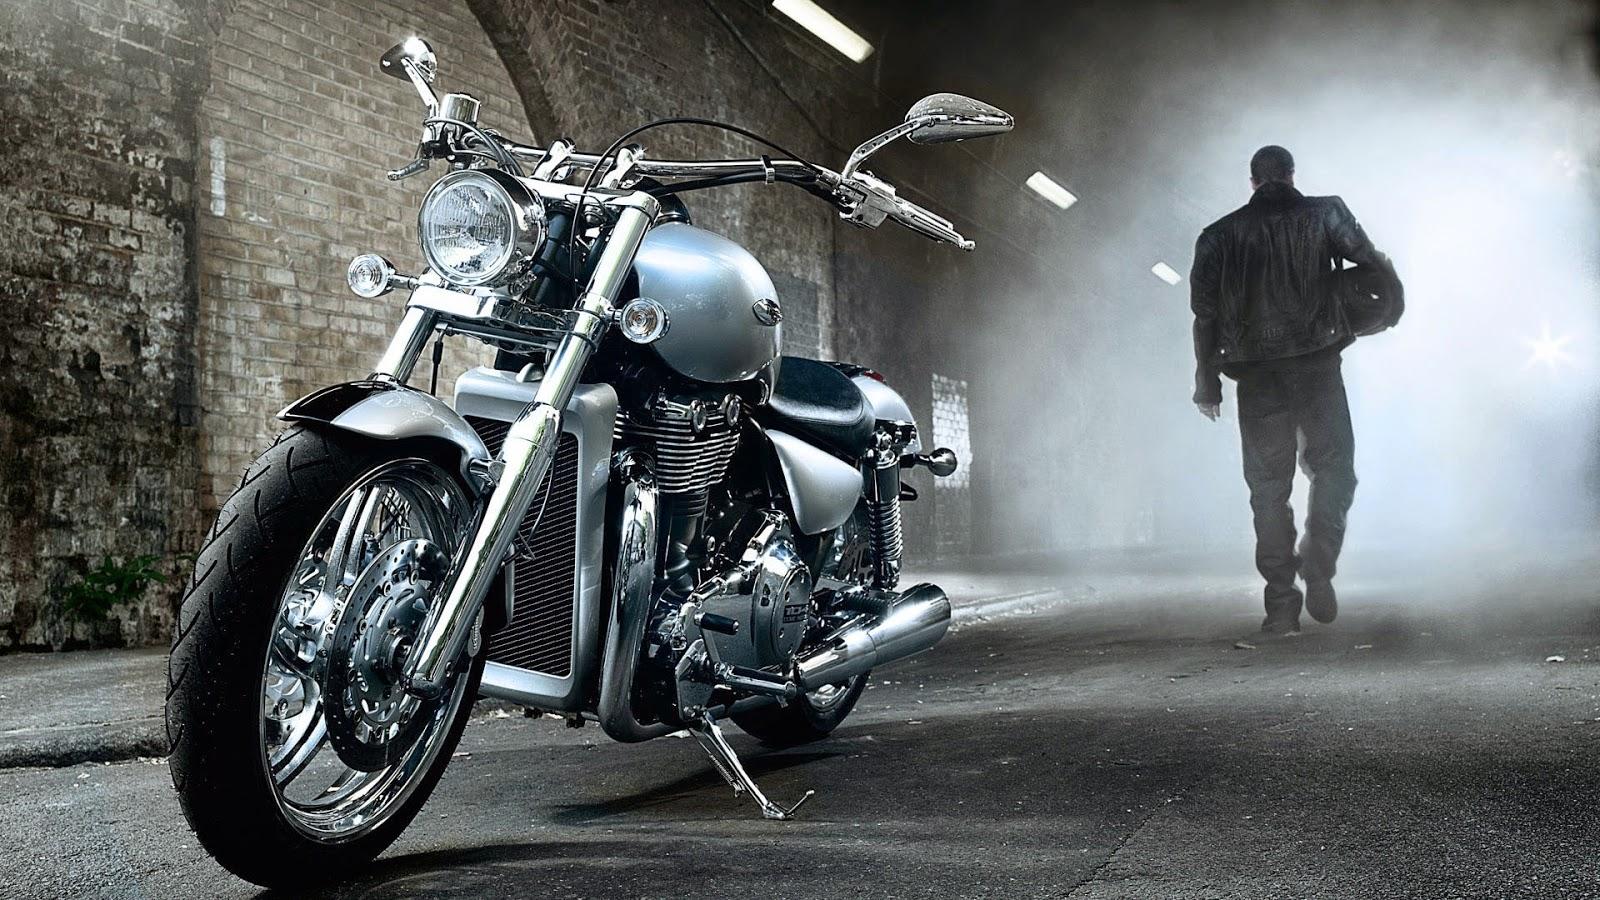 """<img src=""""http://2.bp.blogspot.com/-HpQ3FdOMZYE/U8HnF62Xd8I/AAAAAAAALl4/x7zeaEXXHGU/s1600/bike-wallpaper-hd.jpeg"""" alt=""""Bike HD Wallpaper"""" />"""